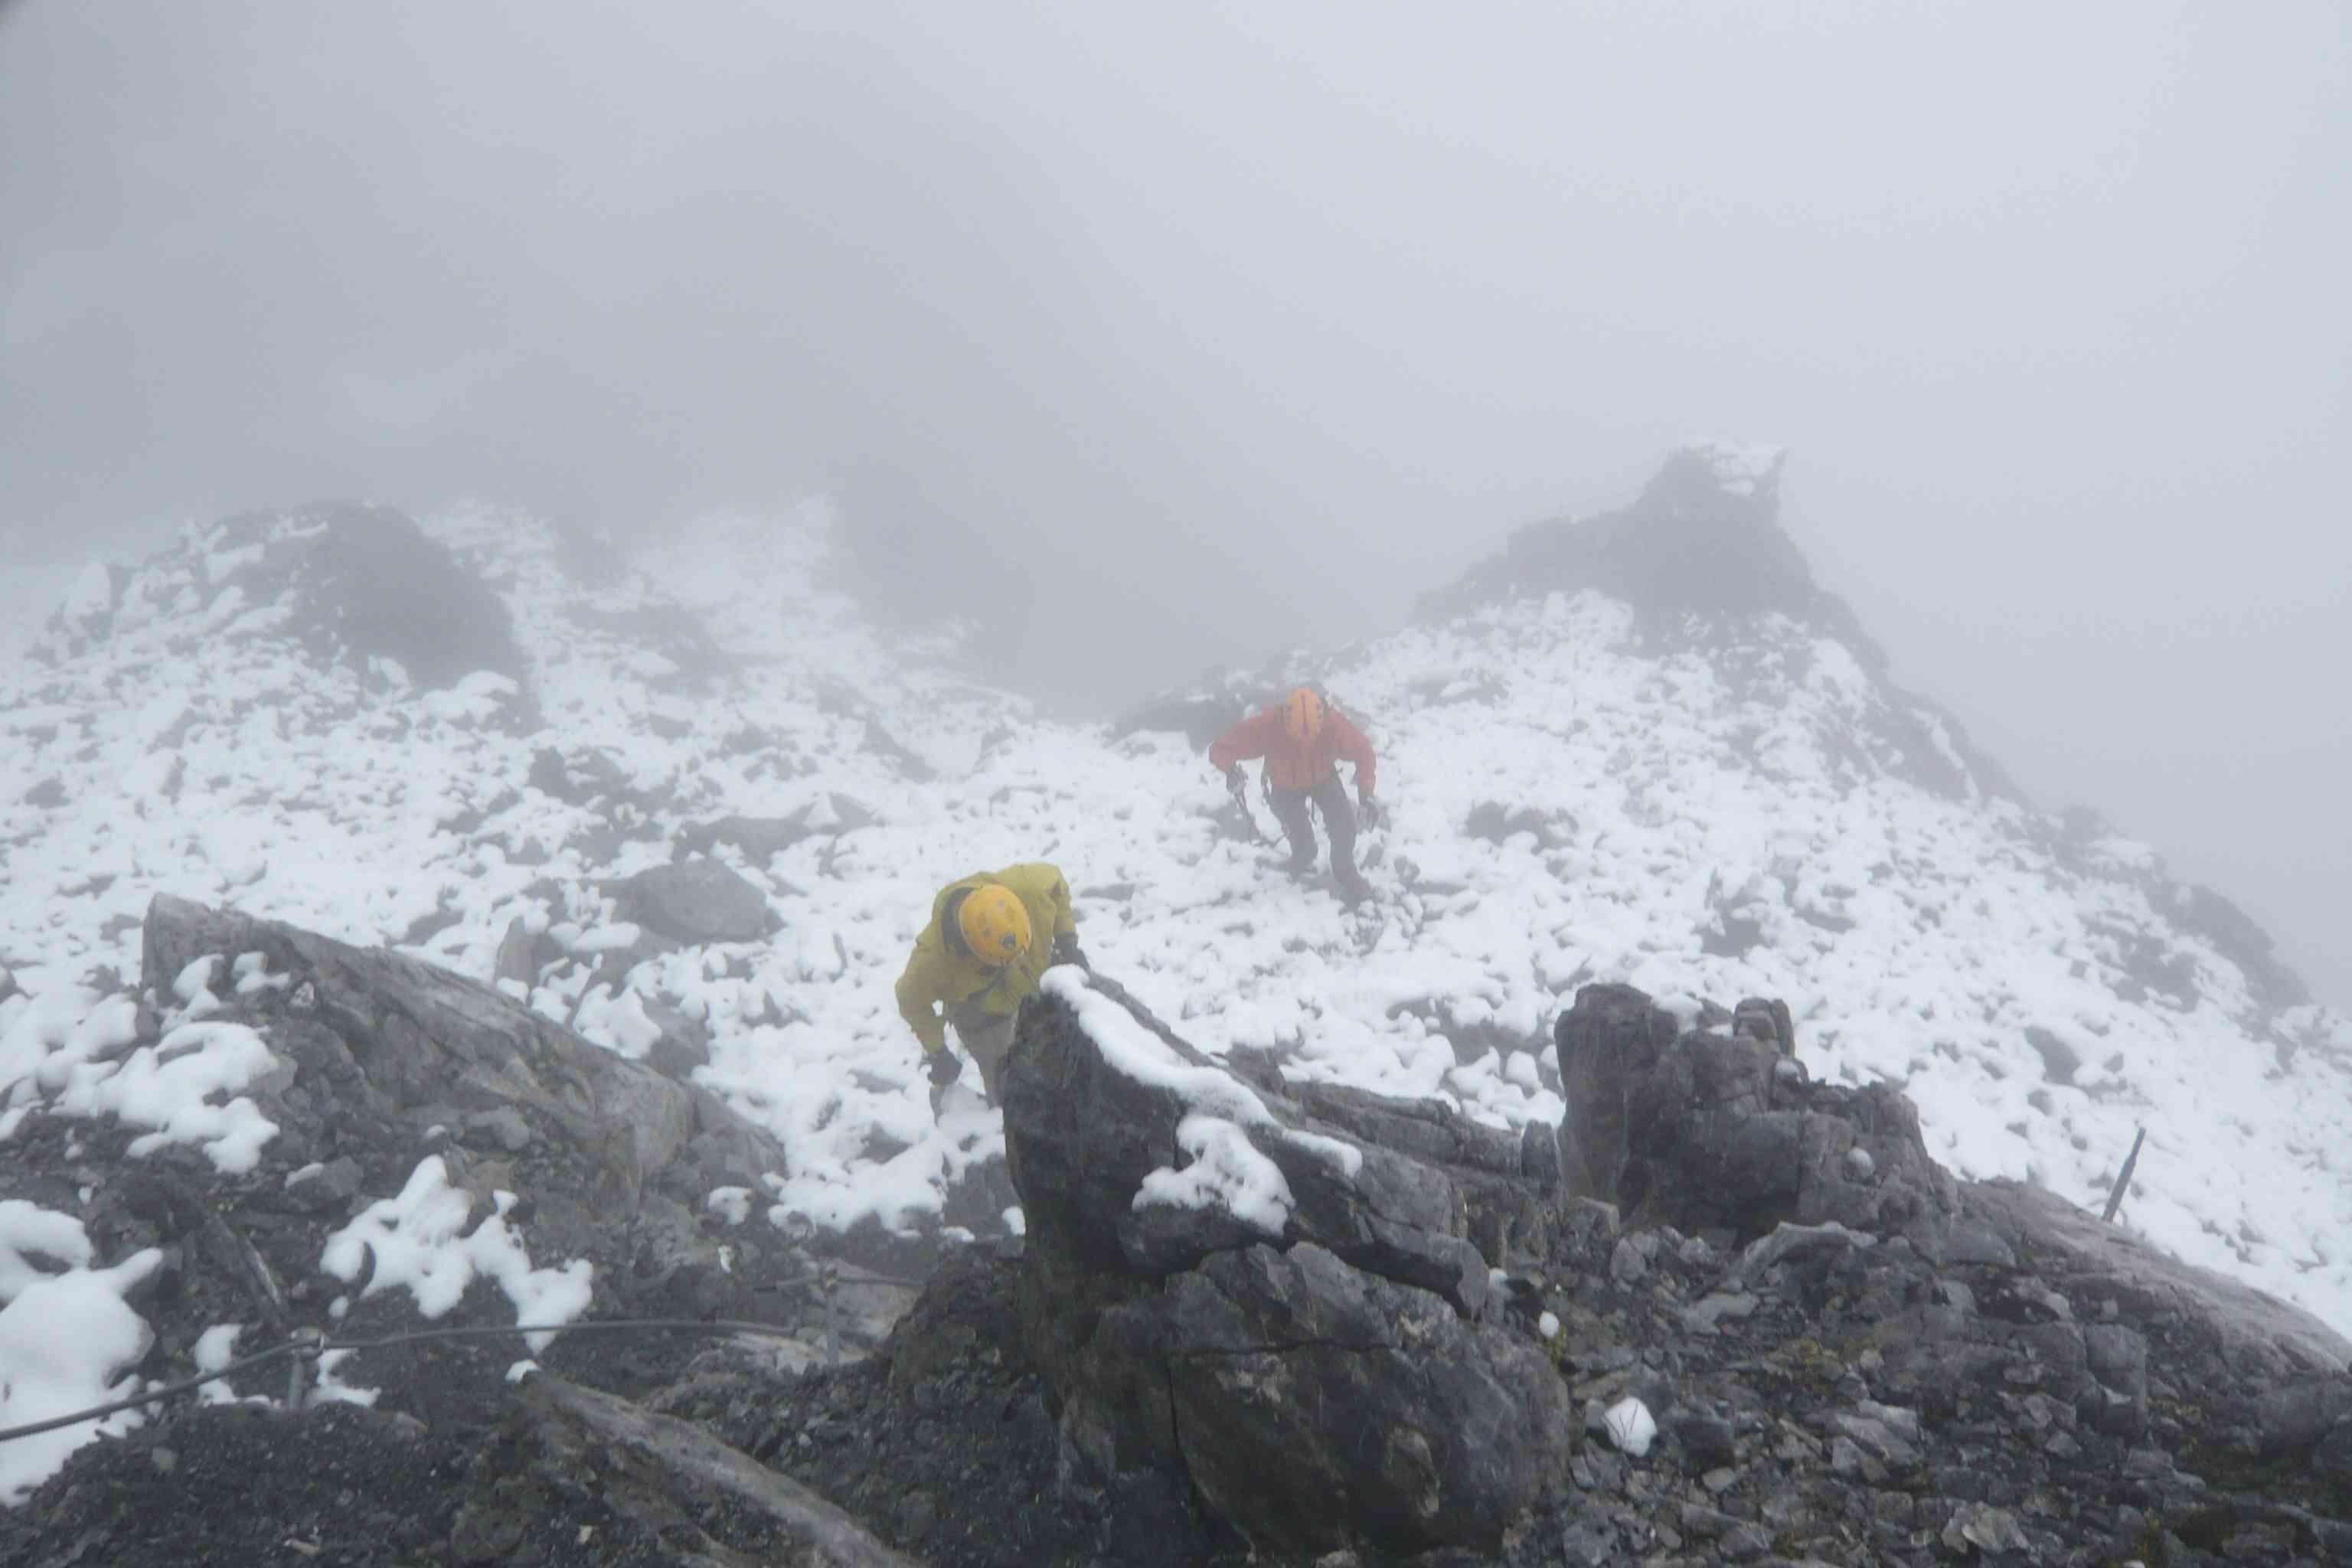 Klettersteig Tabaretta : Klettersteige das sind die besten frühlings touren für profis in